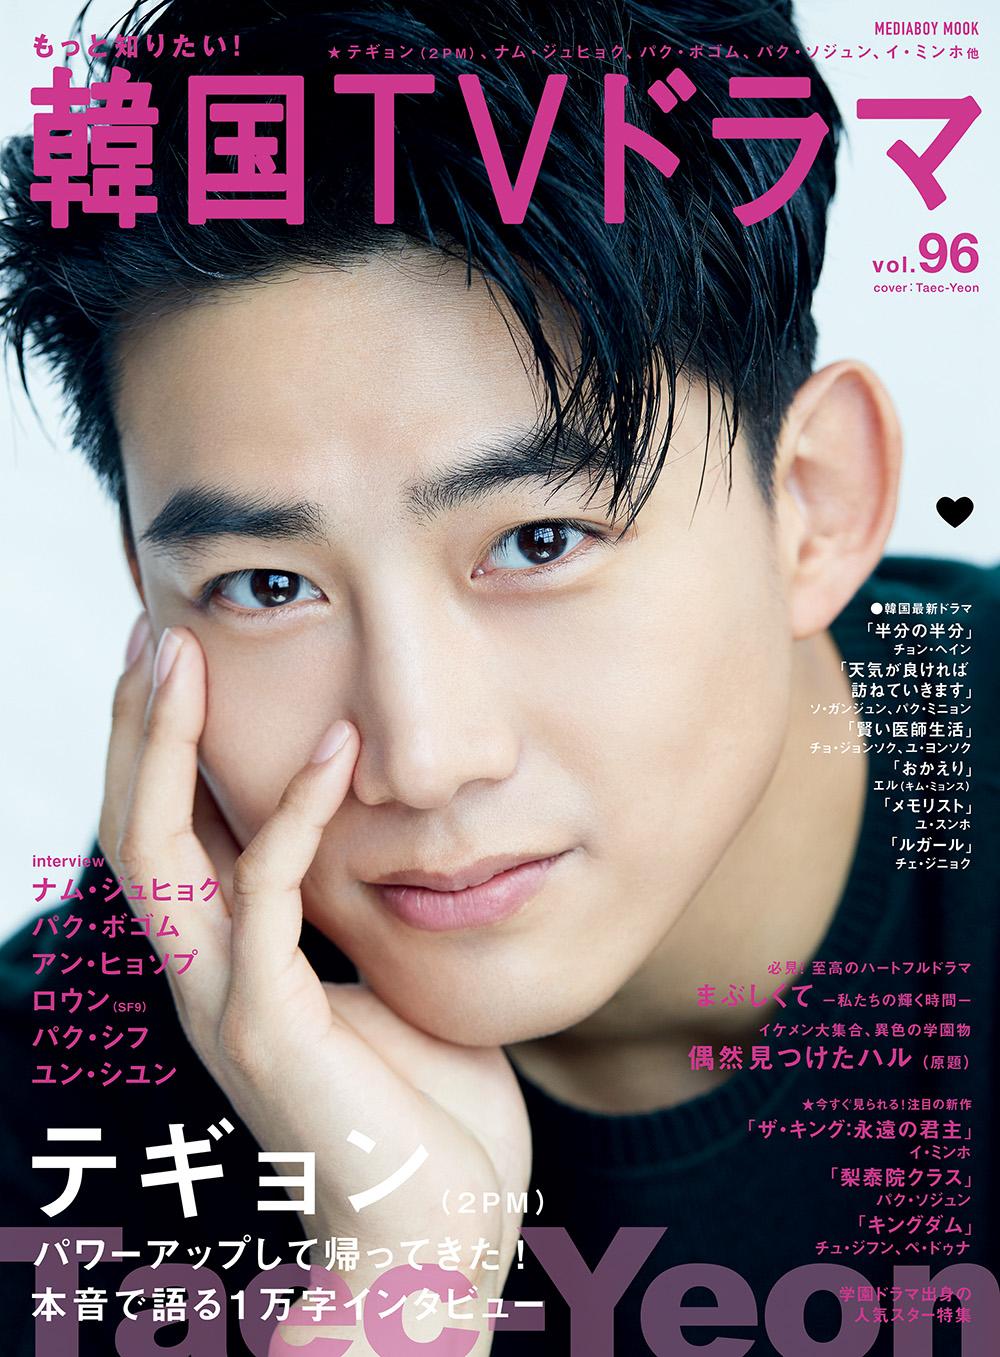 『もっと知りたい! 韓国TVドラマ vol.96』表紙画像